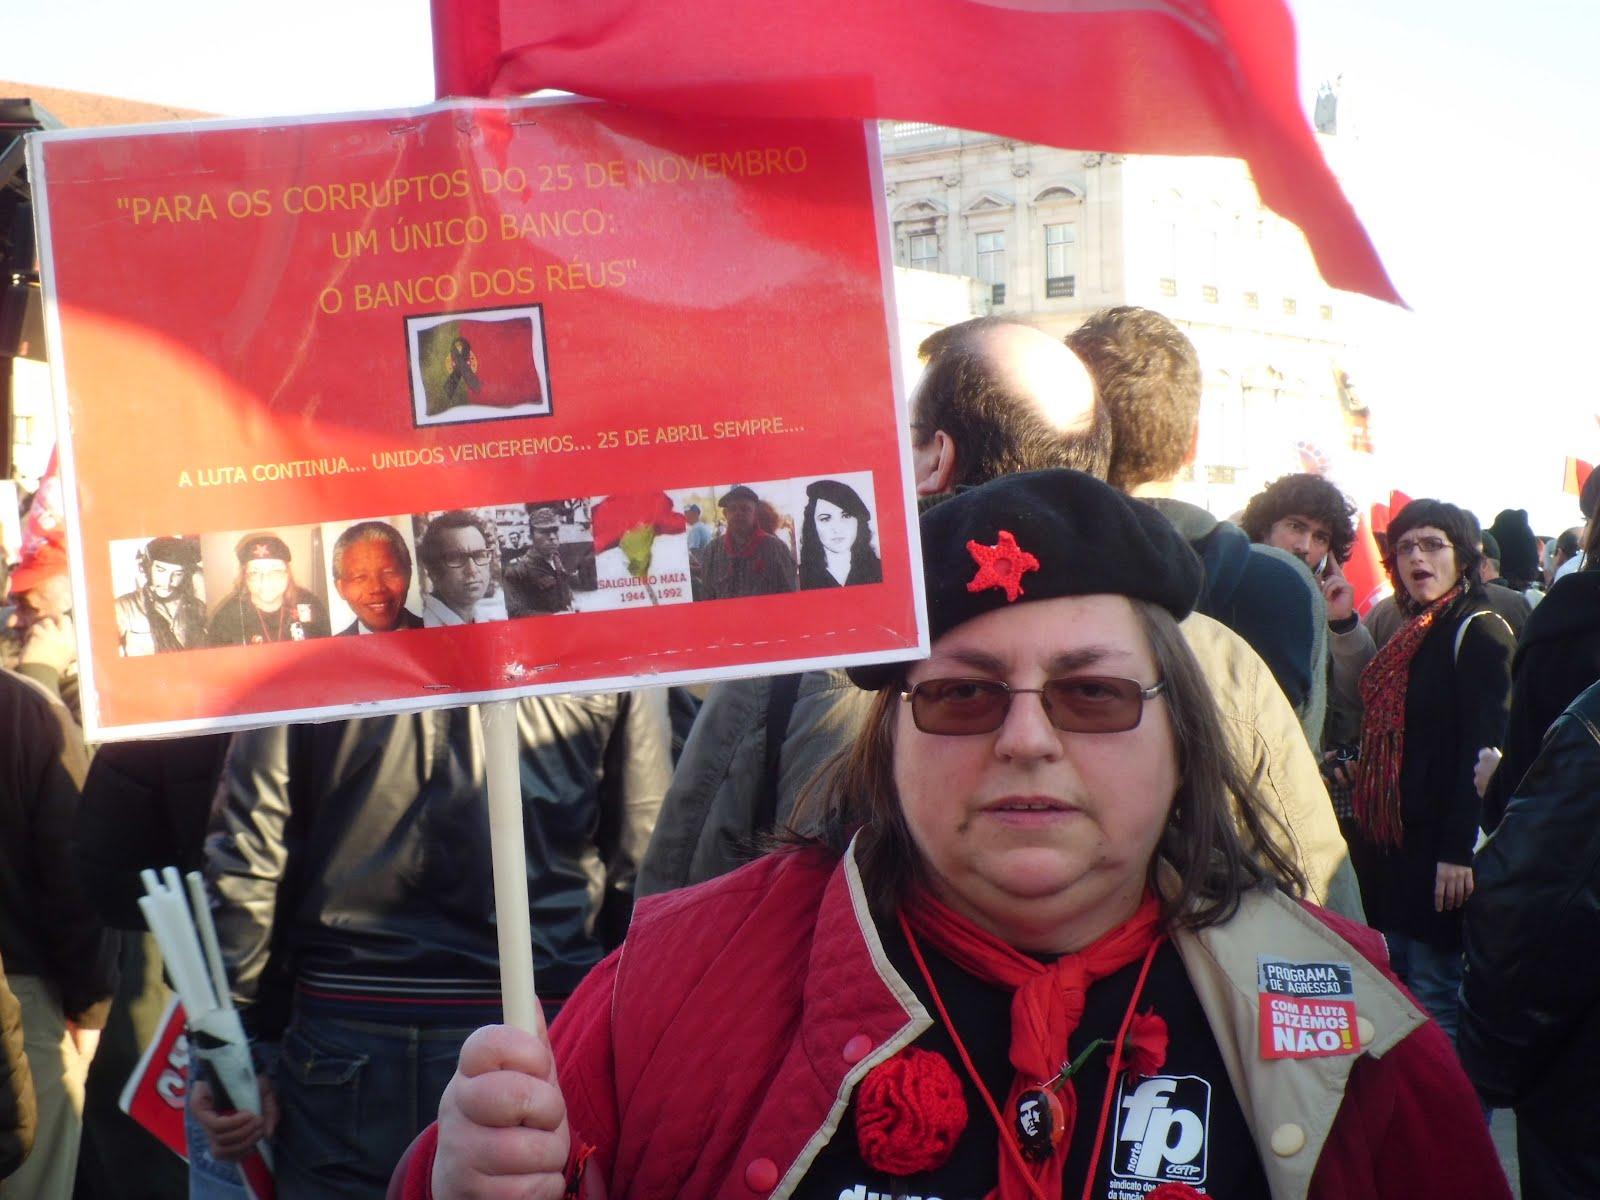 Revolucionária-Guevarista-blogspot.com: SEM LUTA NÃO HÁ